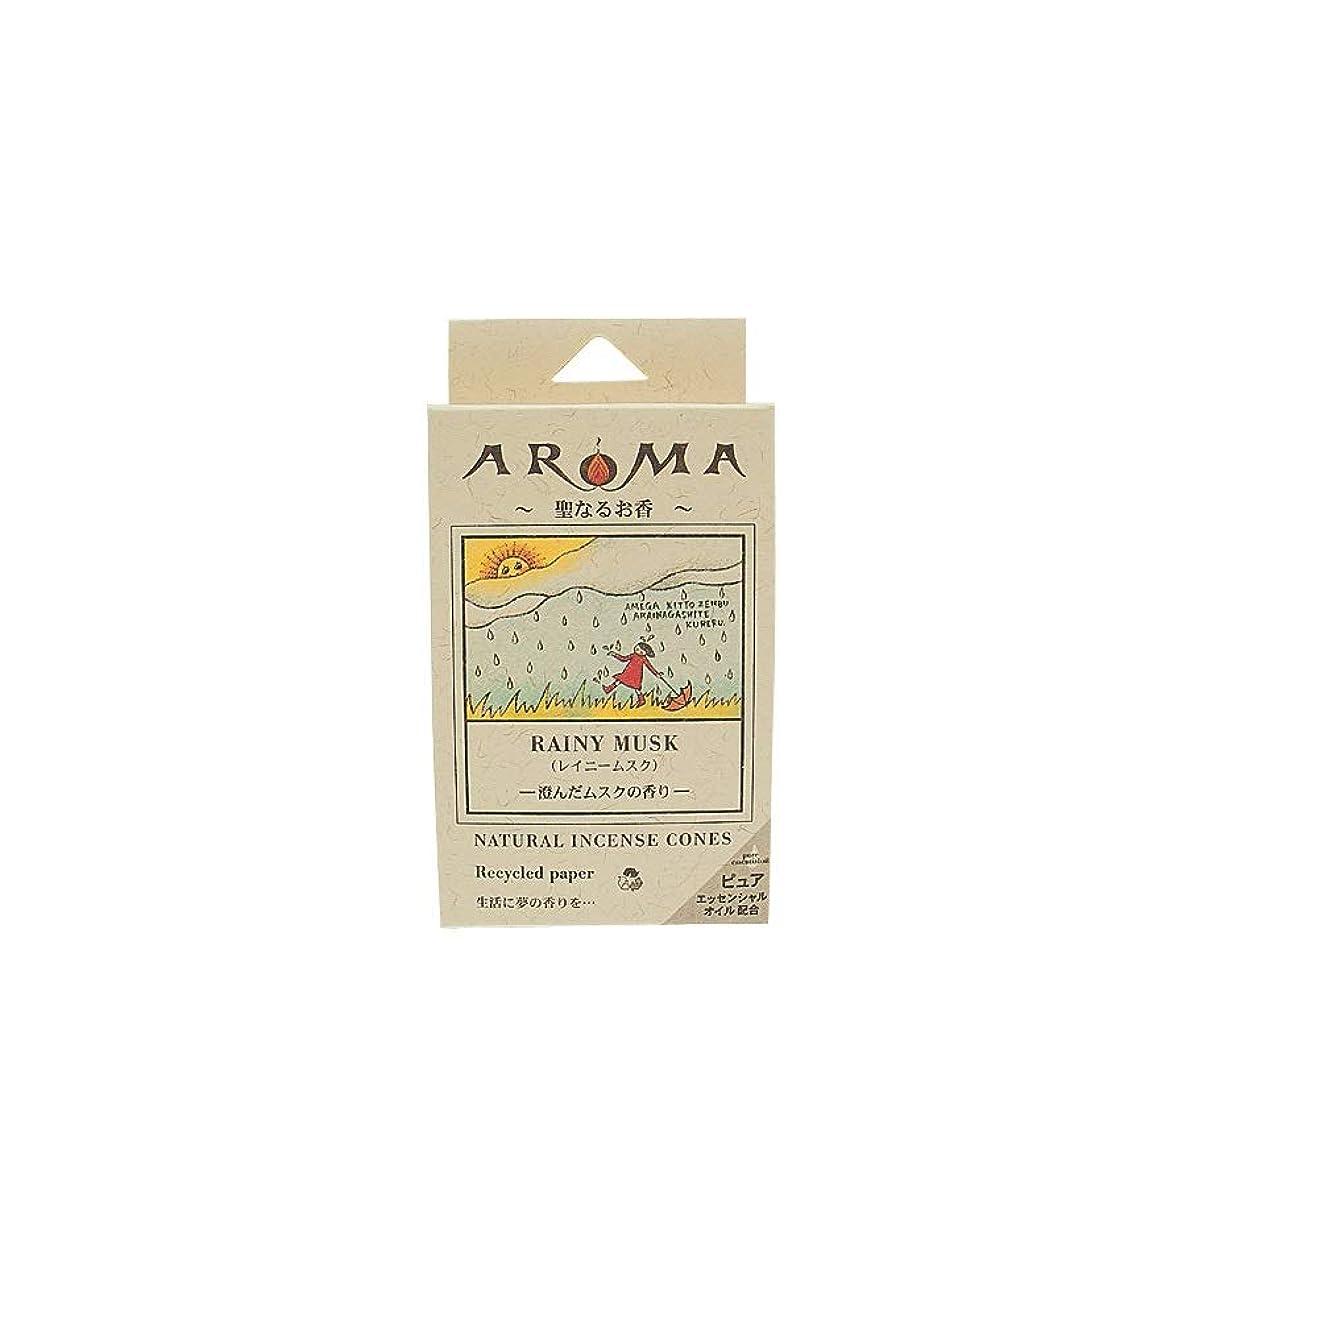 アロマ香 レイニームスク 16粒(コーンタイプインセンス 1粒の燃焼時間約20分 澄んだムスクの香り)